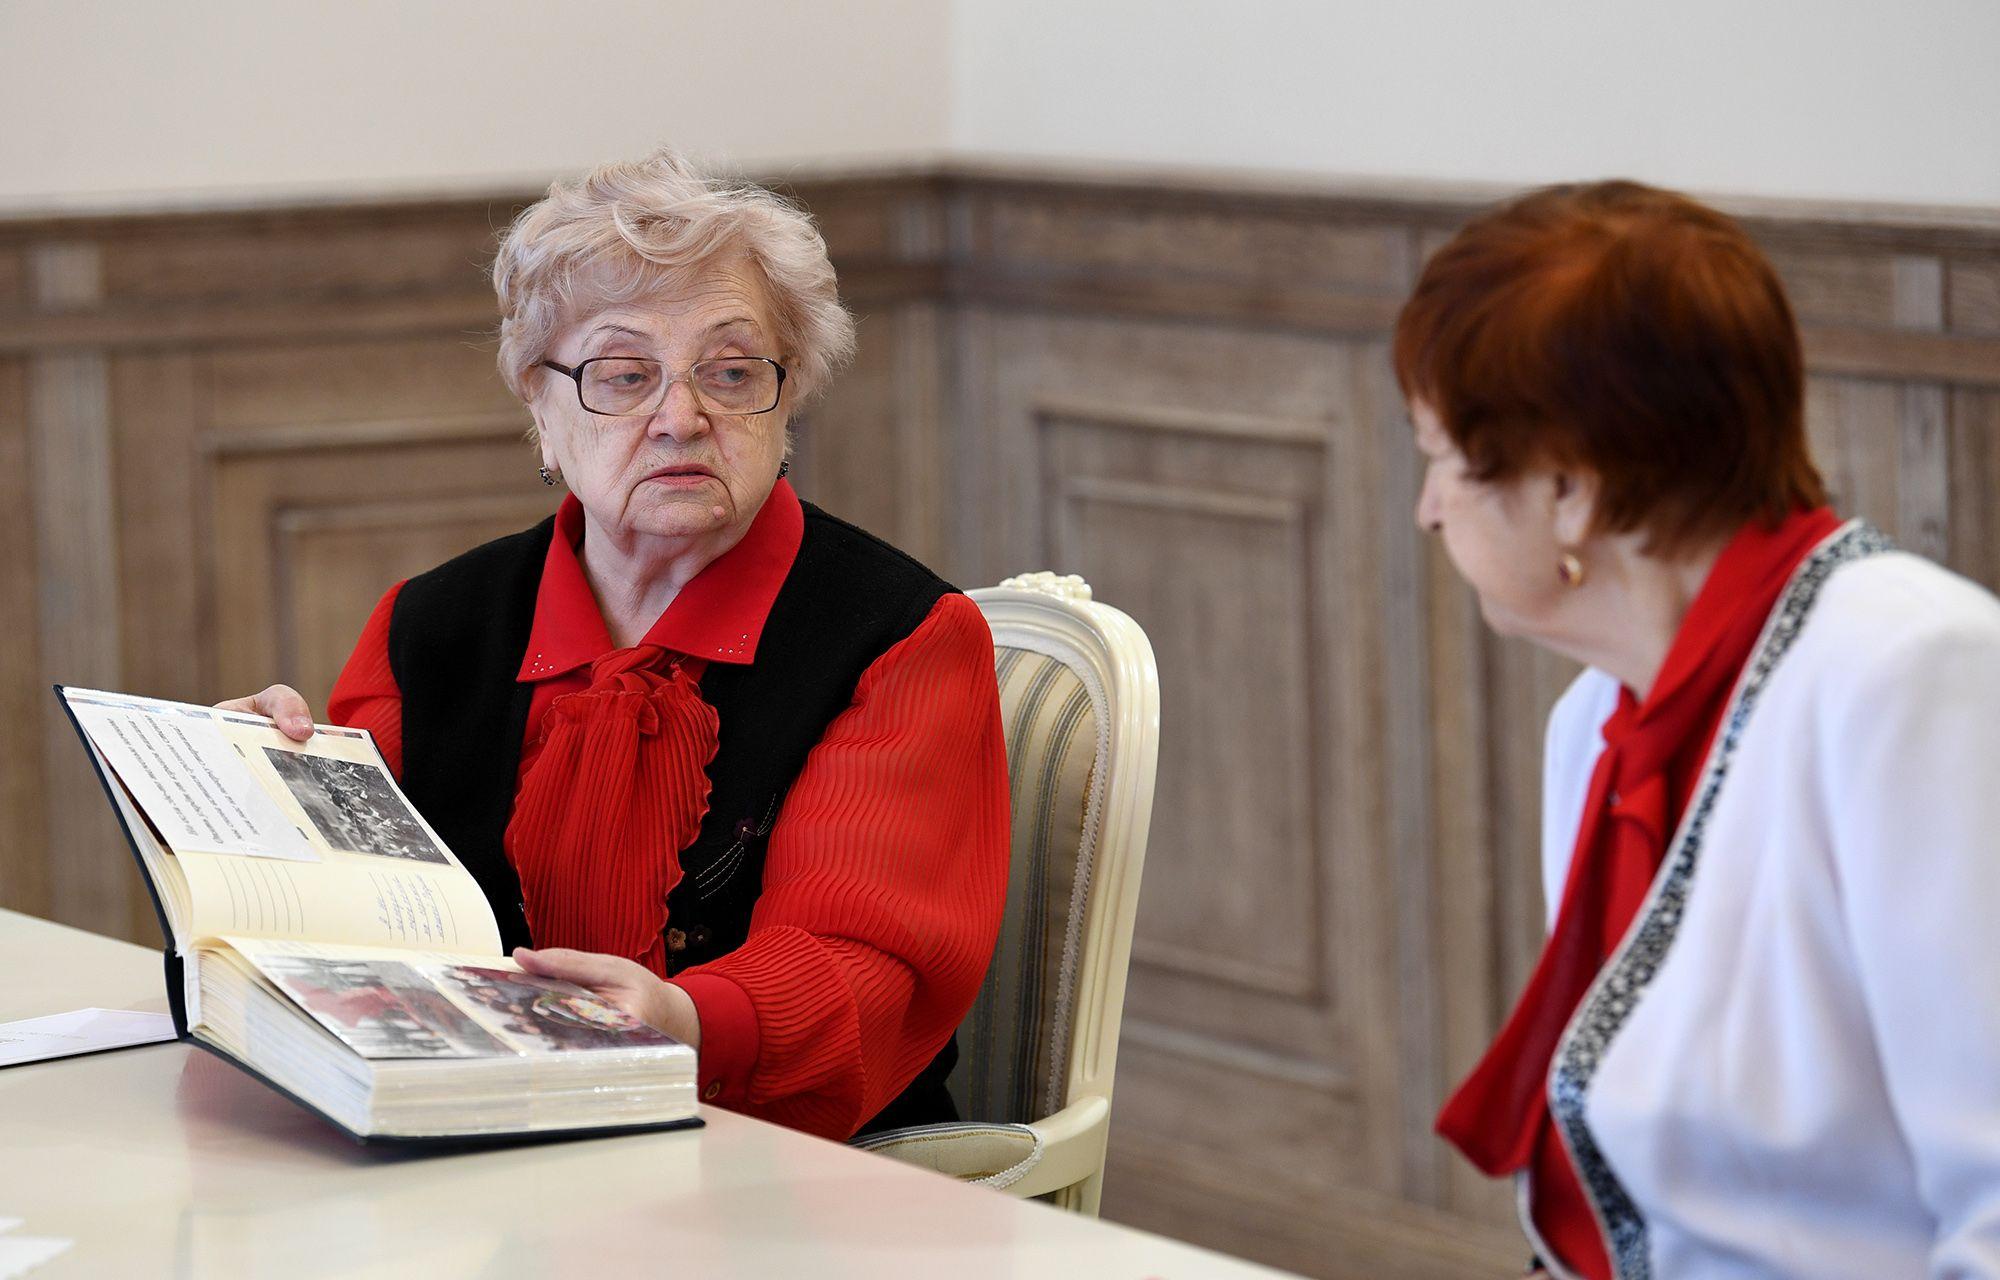 Руфина Половецкая: Губернатор обещал помочь, и сделал это